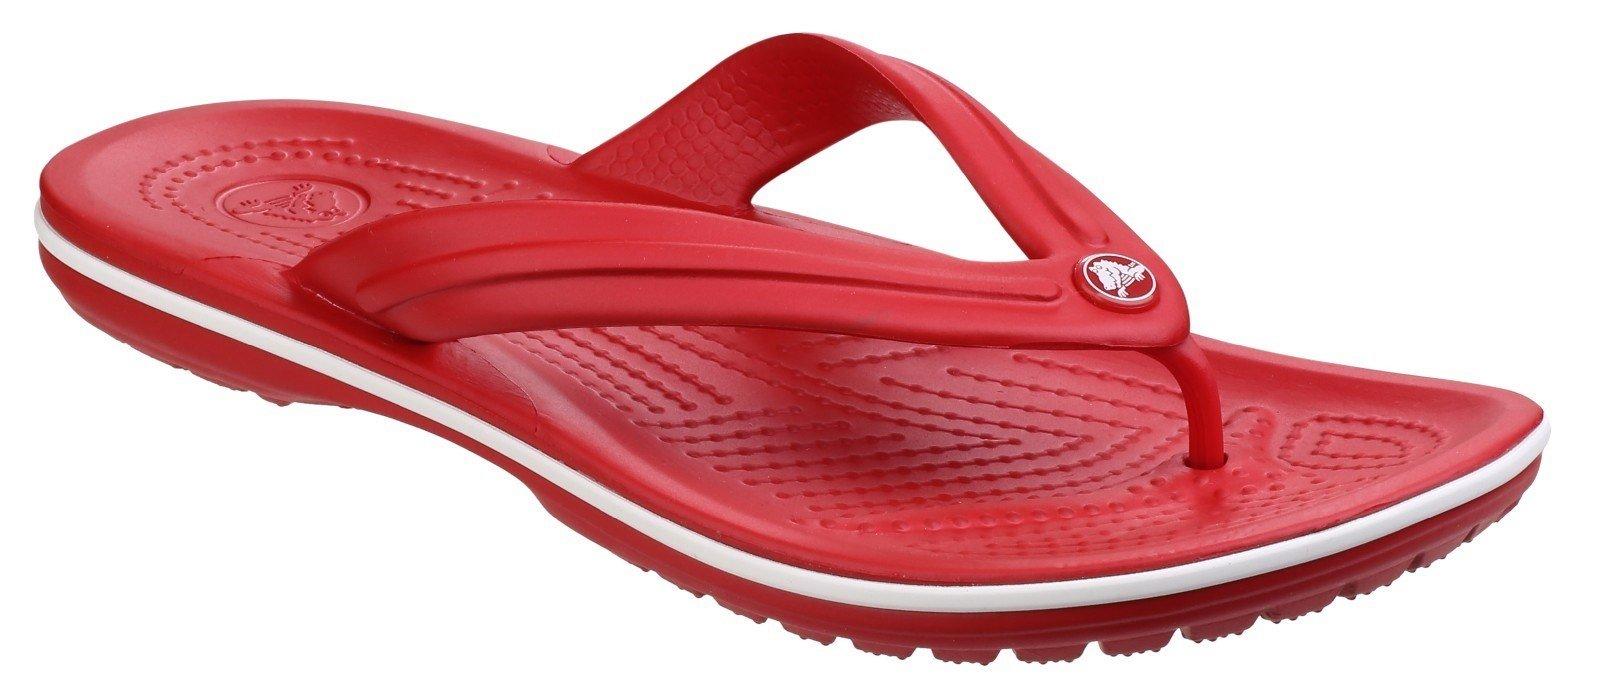 Crocs Women's Crocband Flip Sandal Various Colours 21065 - Pepper/White 3